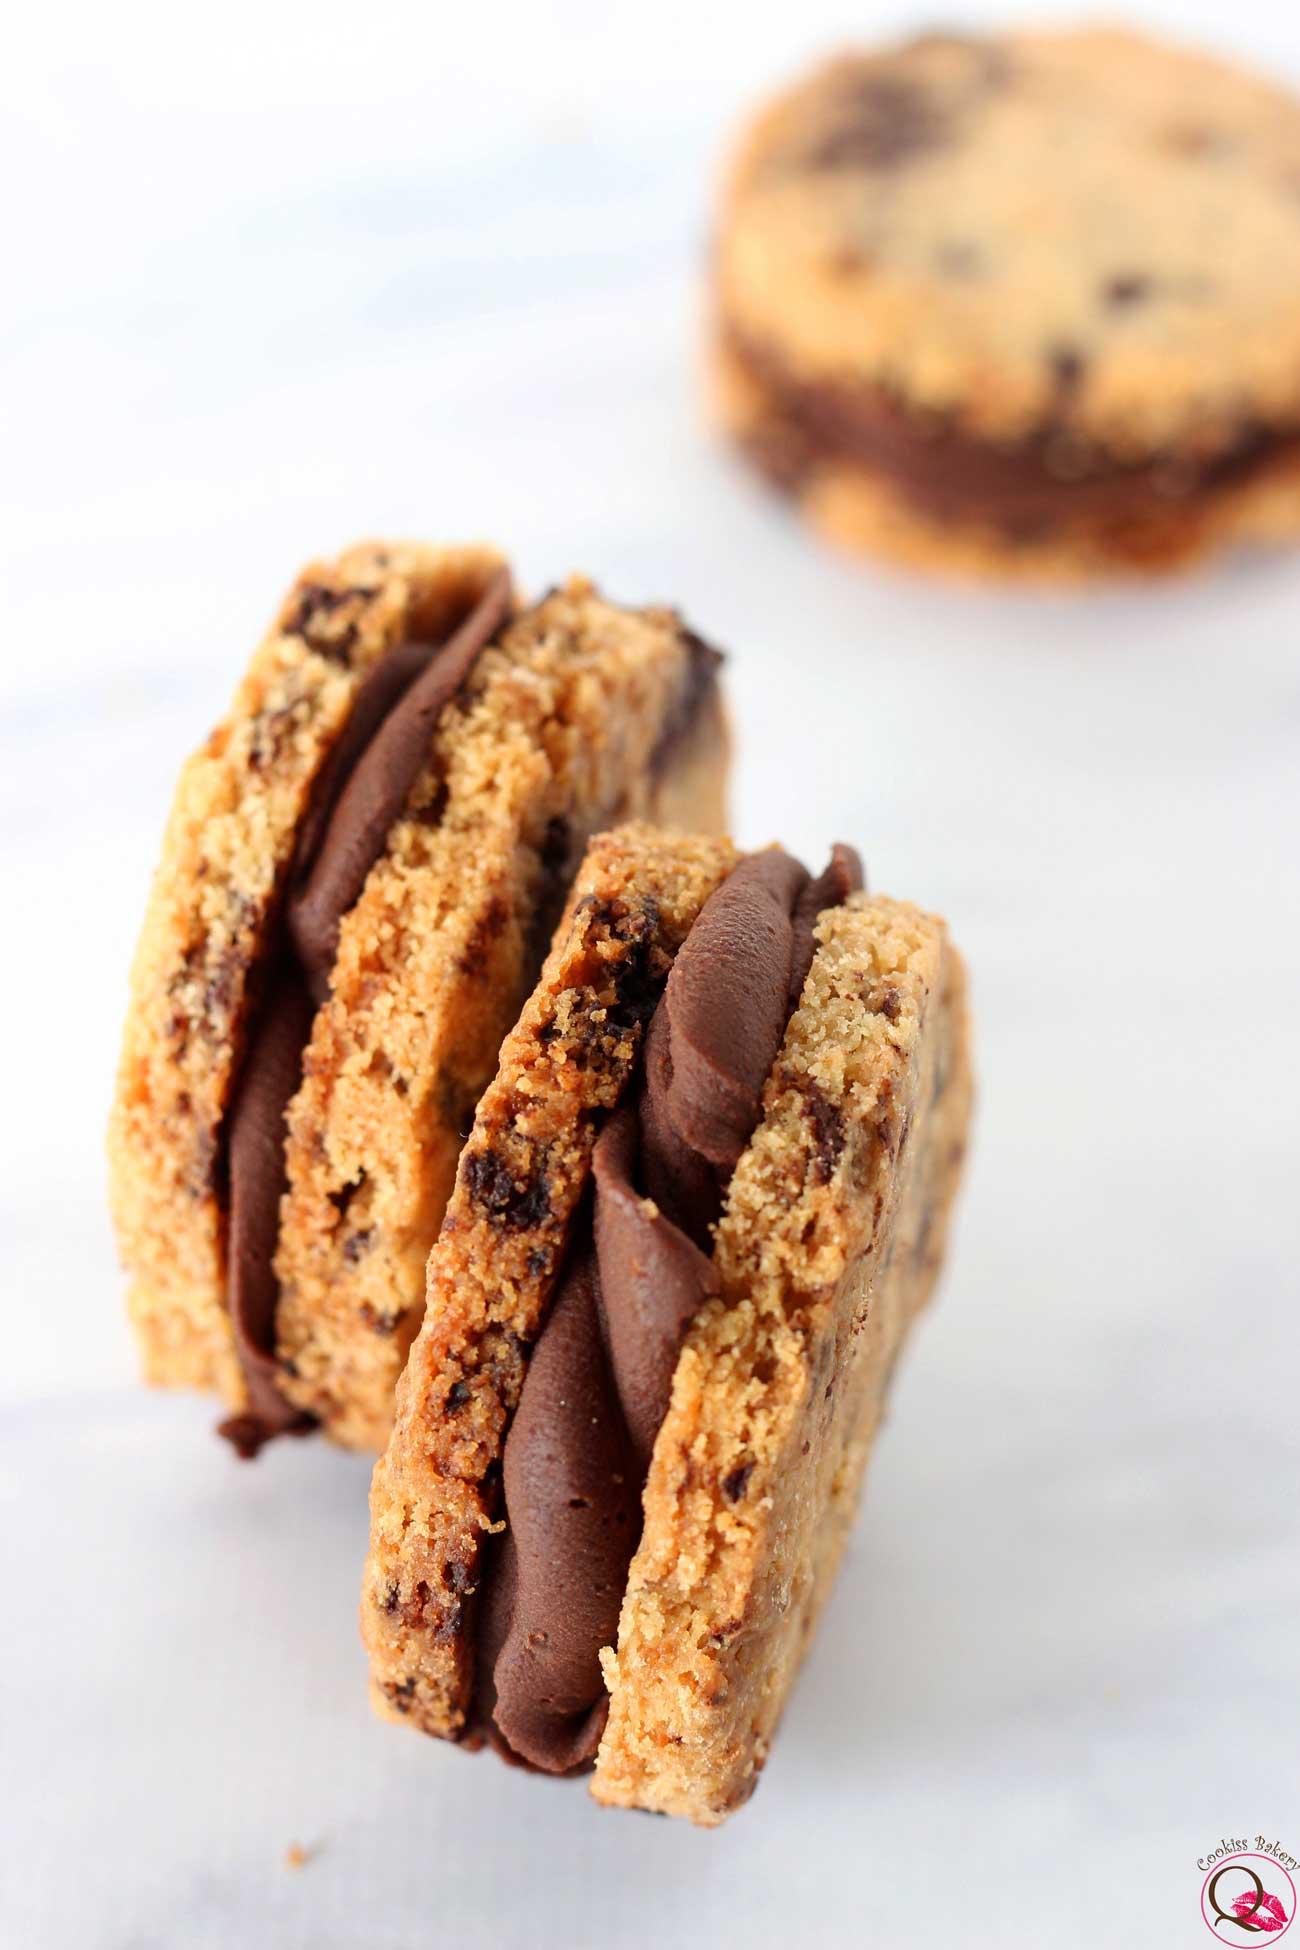 biscotto al burro con crema al cioccolato fondente due